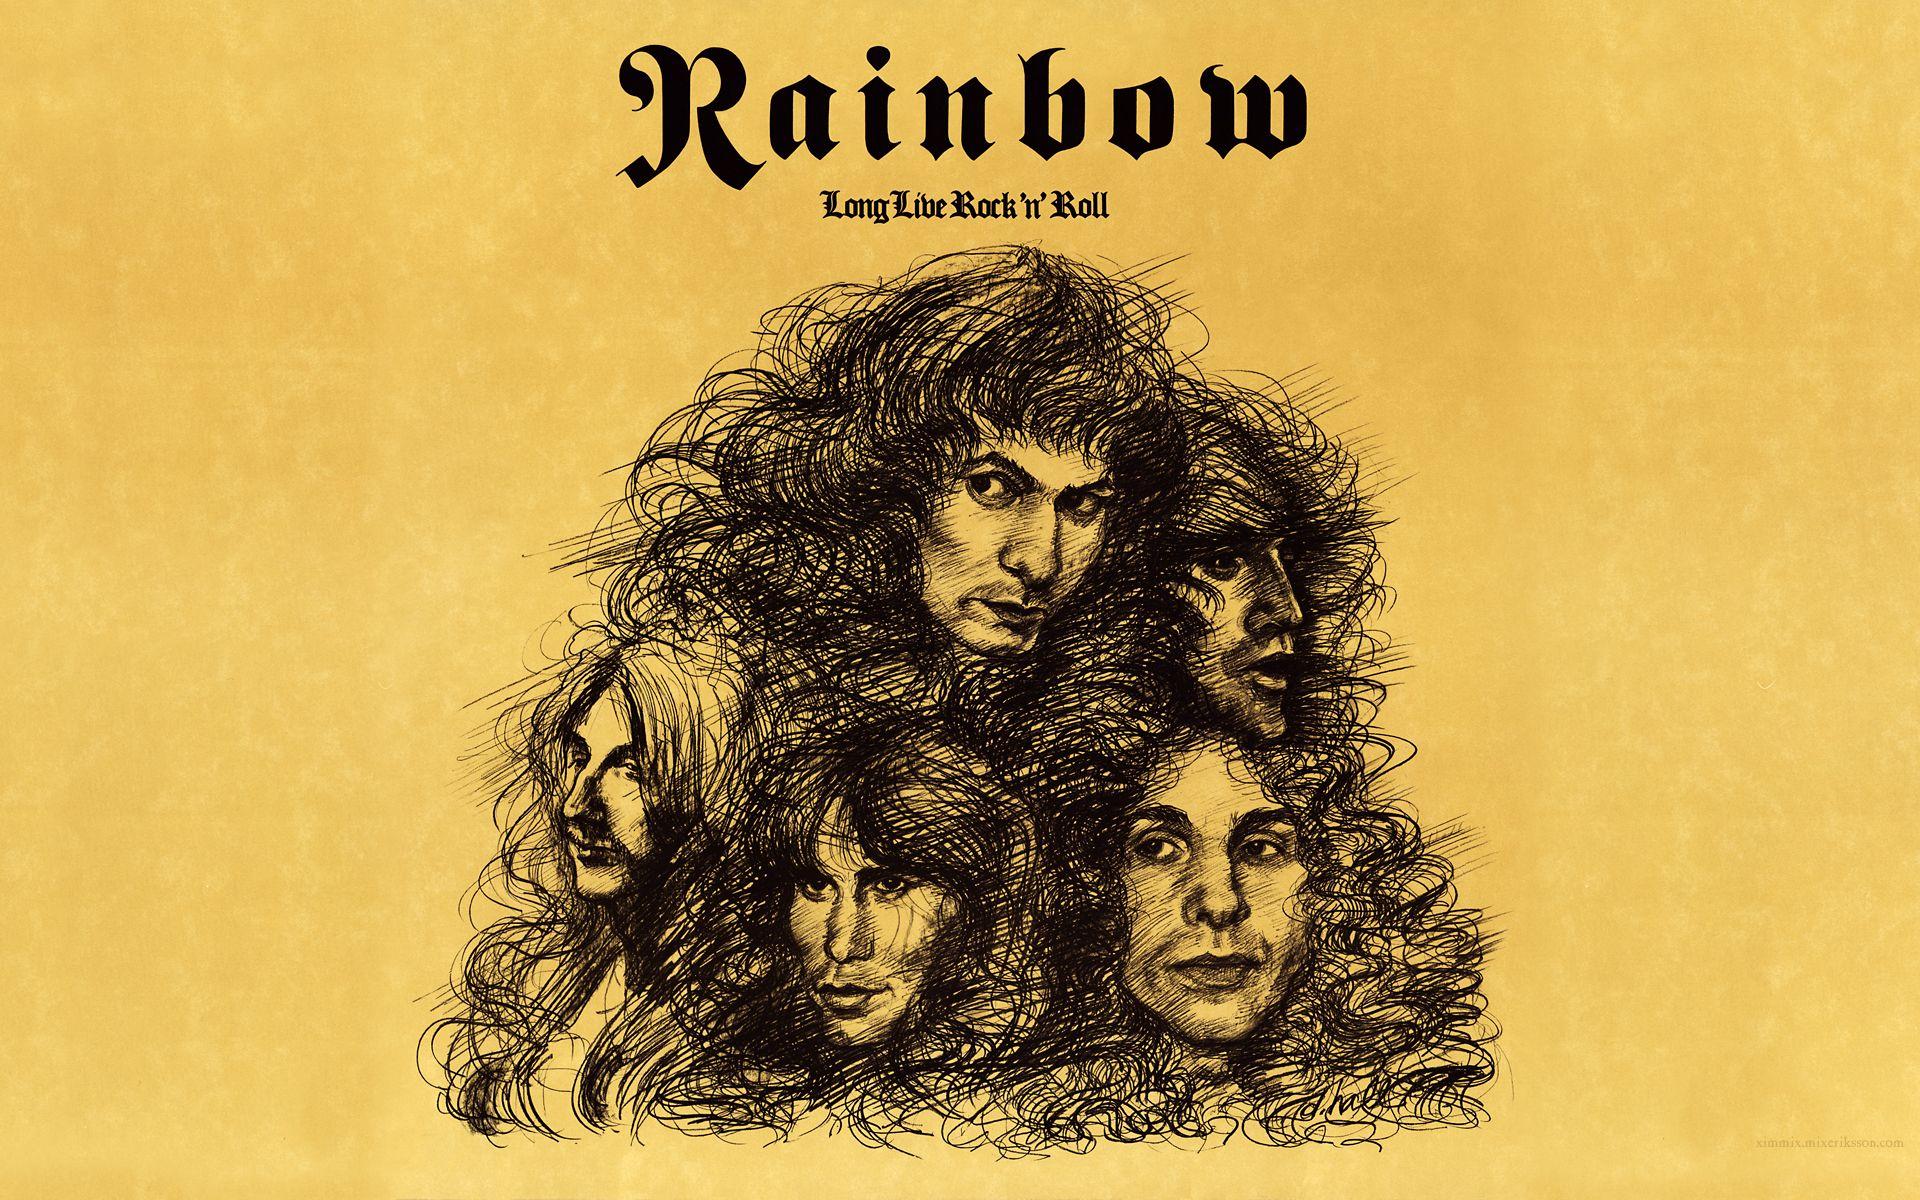 Classic Rock Album Covers Wallpaper Classic Rock Albums Rock